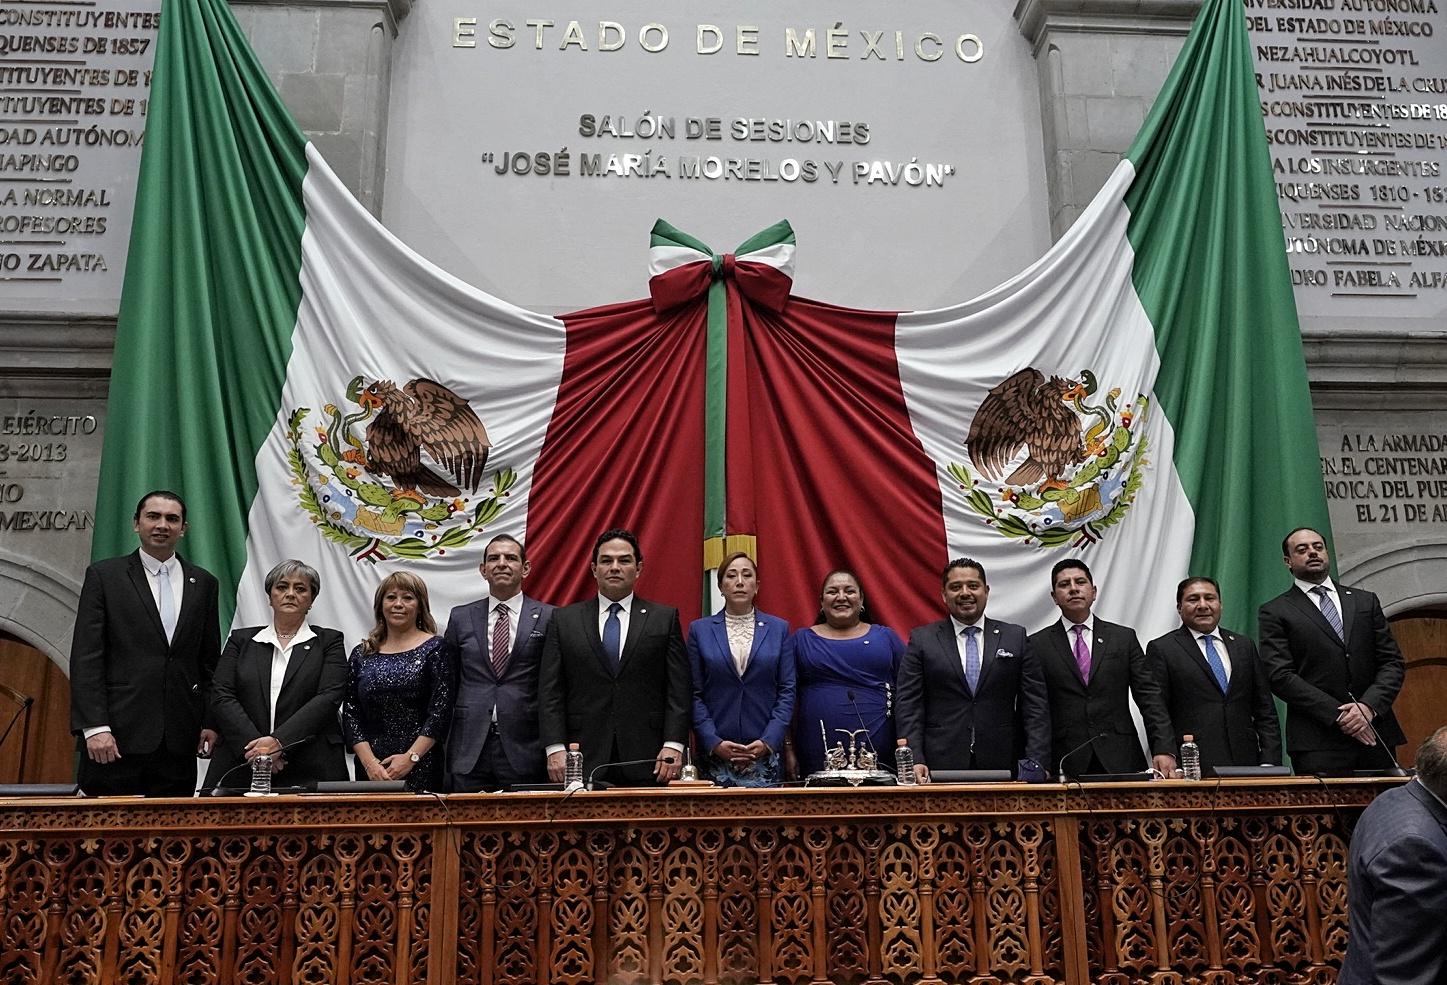 La Mesa Directiva de la Legislatura del Estado de México será presidida por diferentes partido cada año